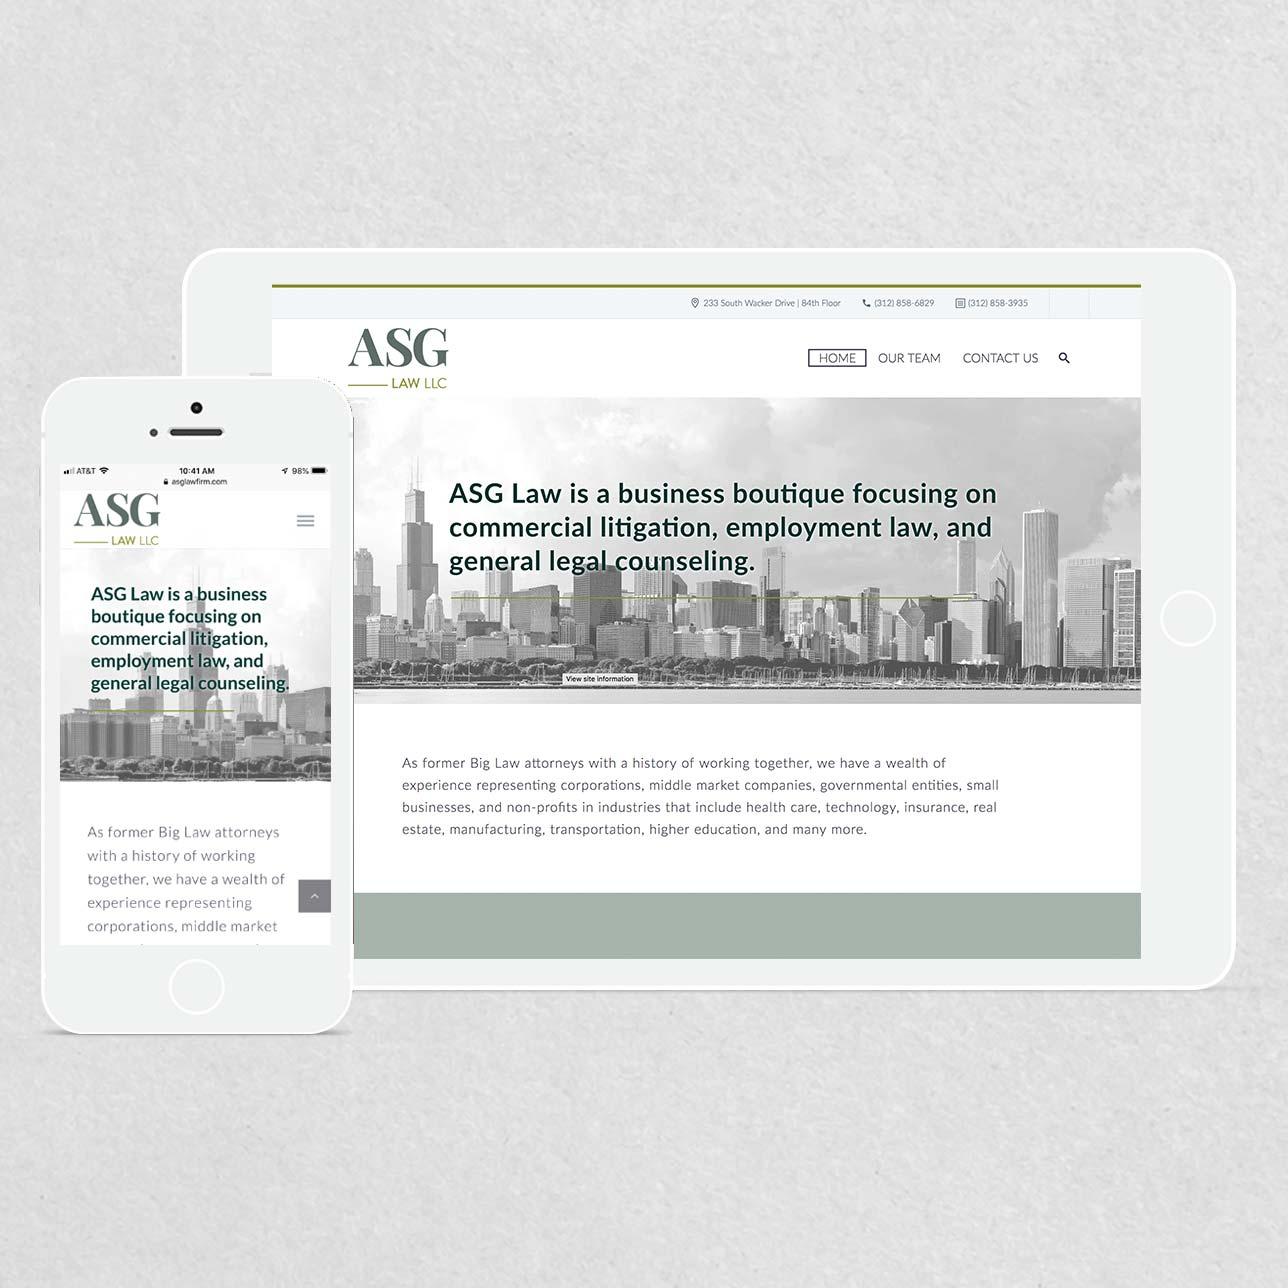 ASG Law Identity set